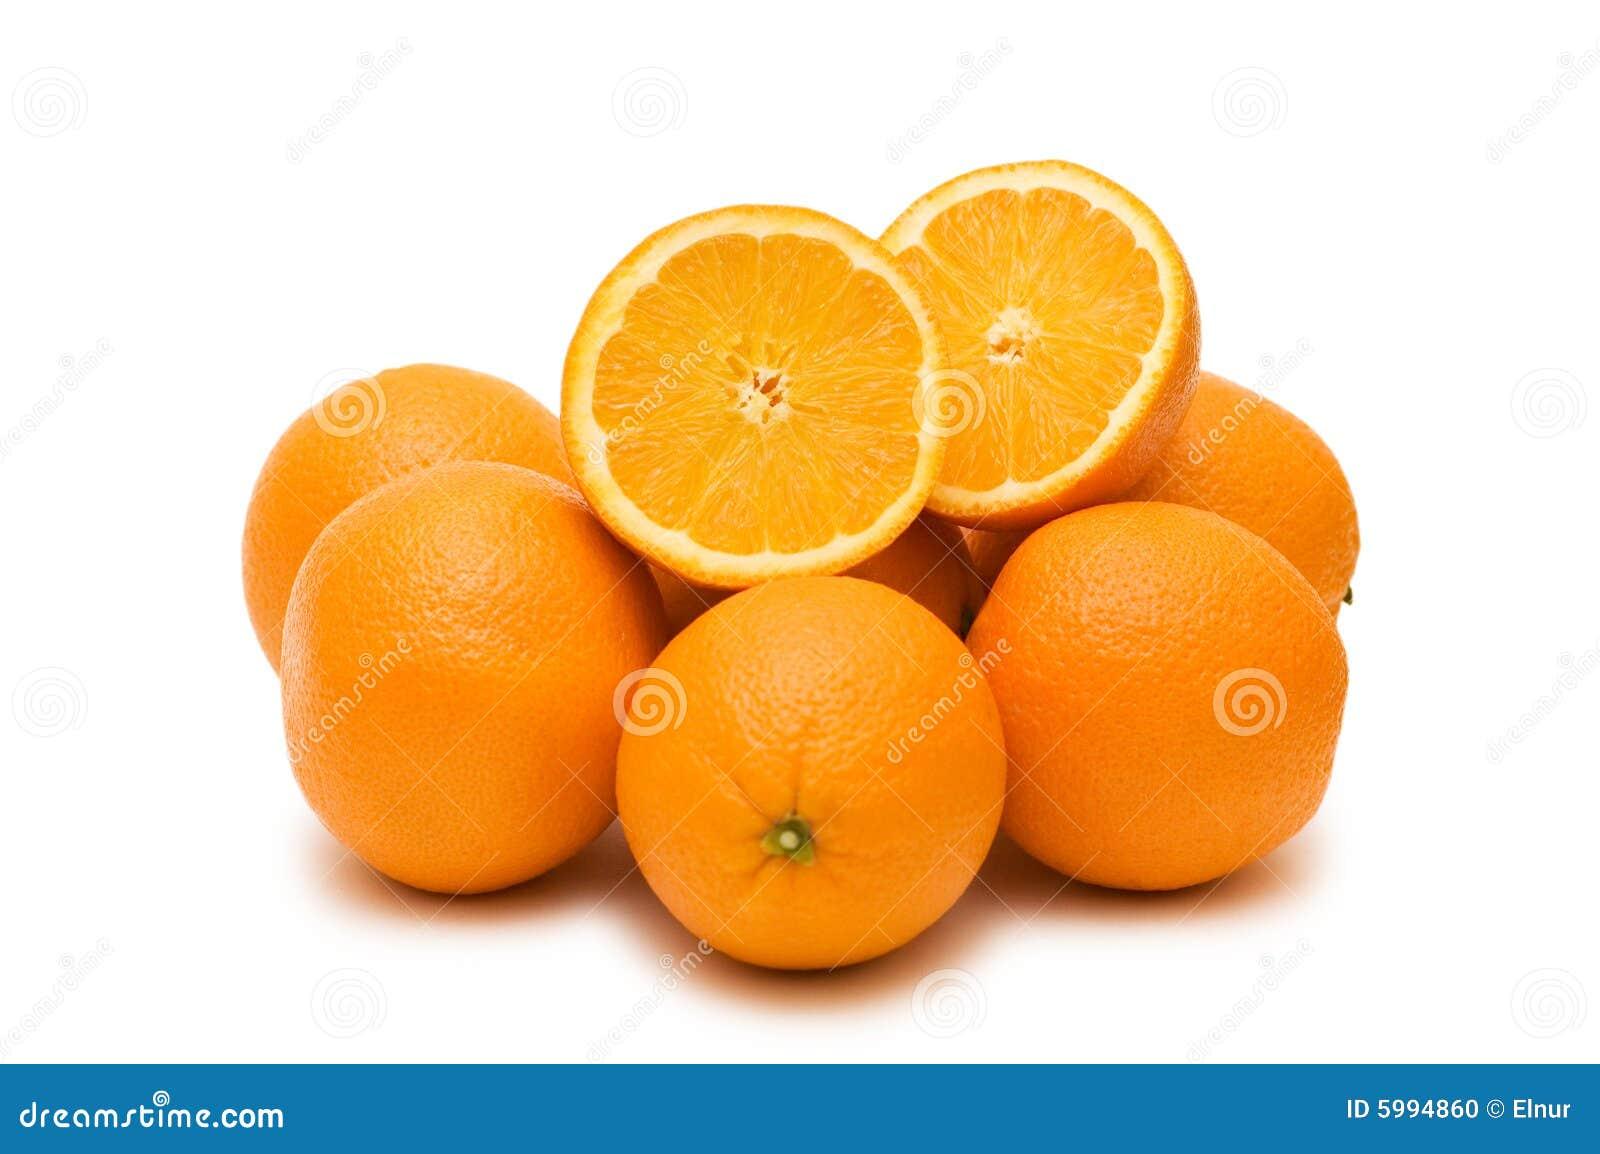 Many oranges isolated